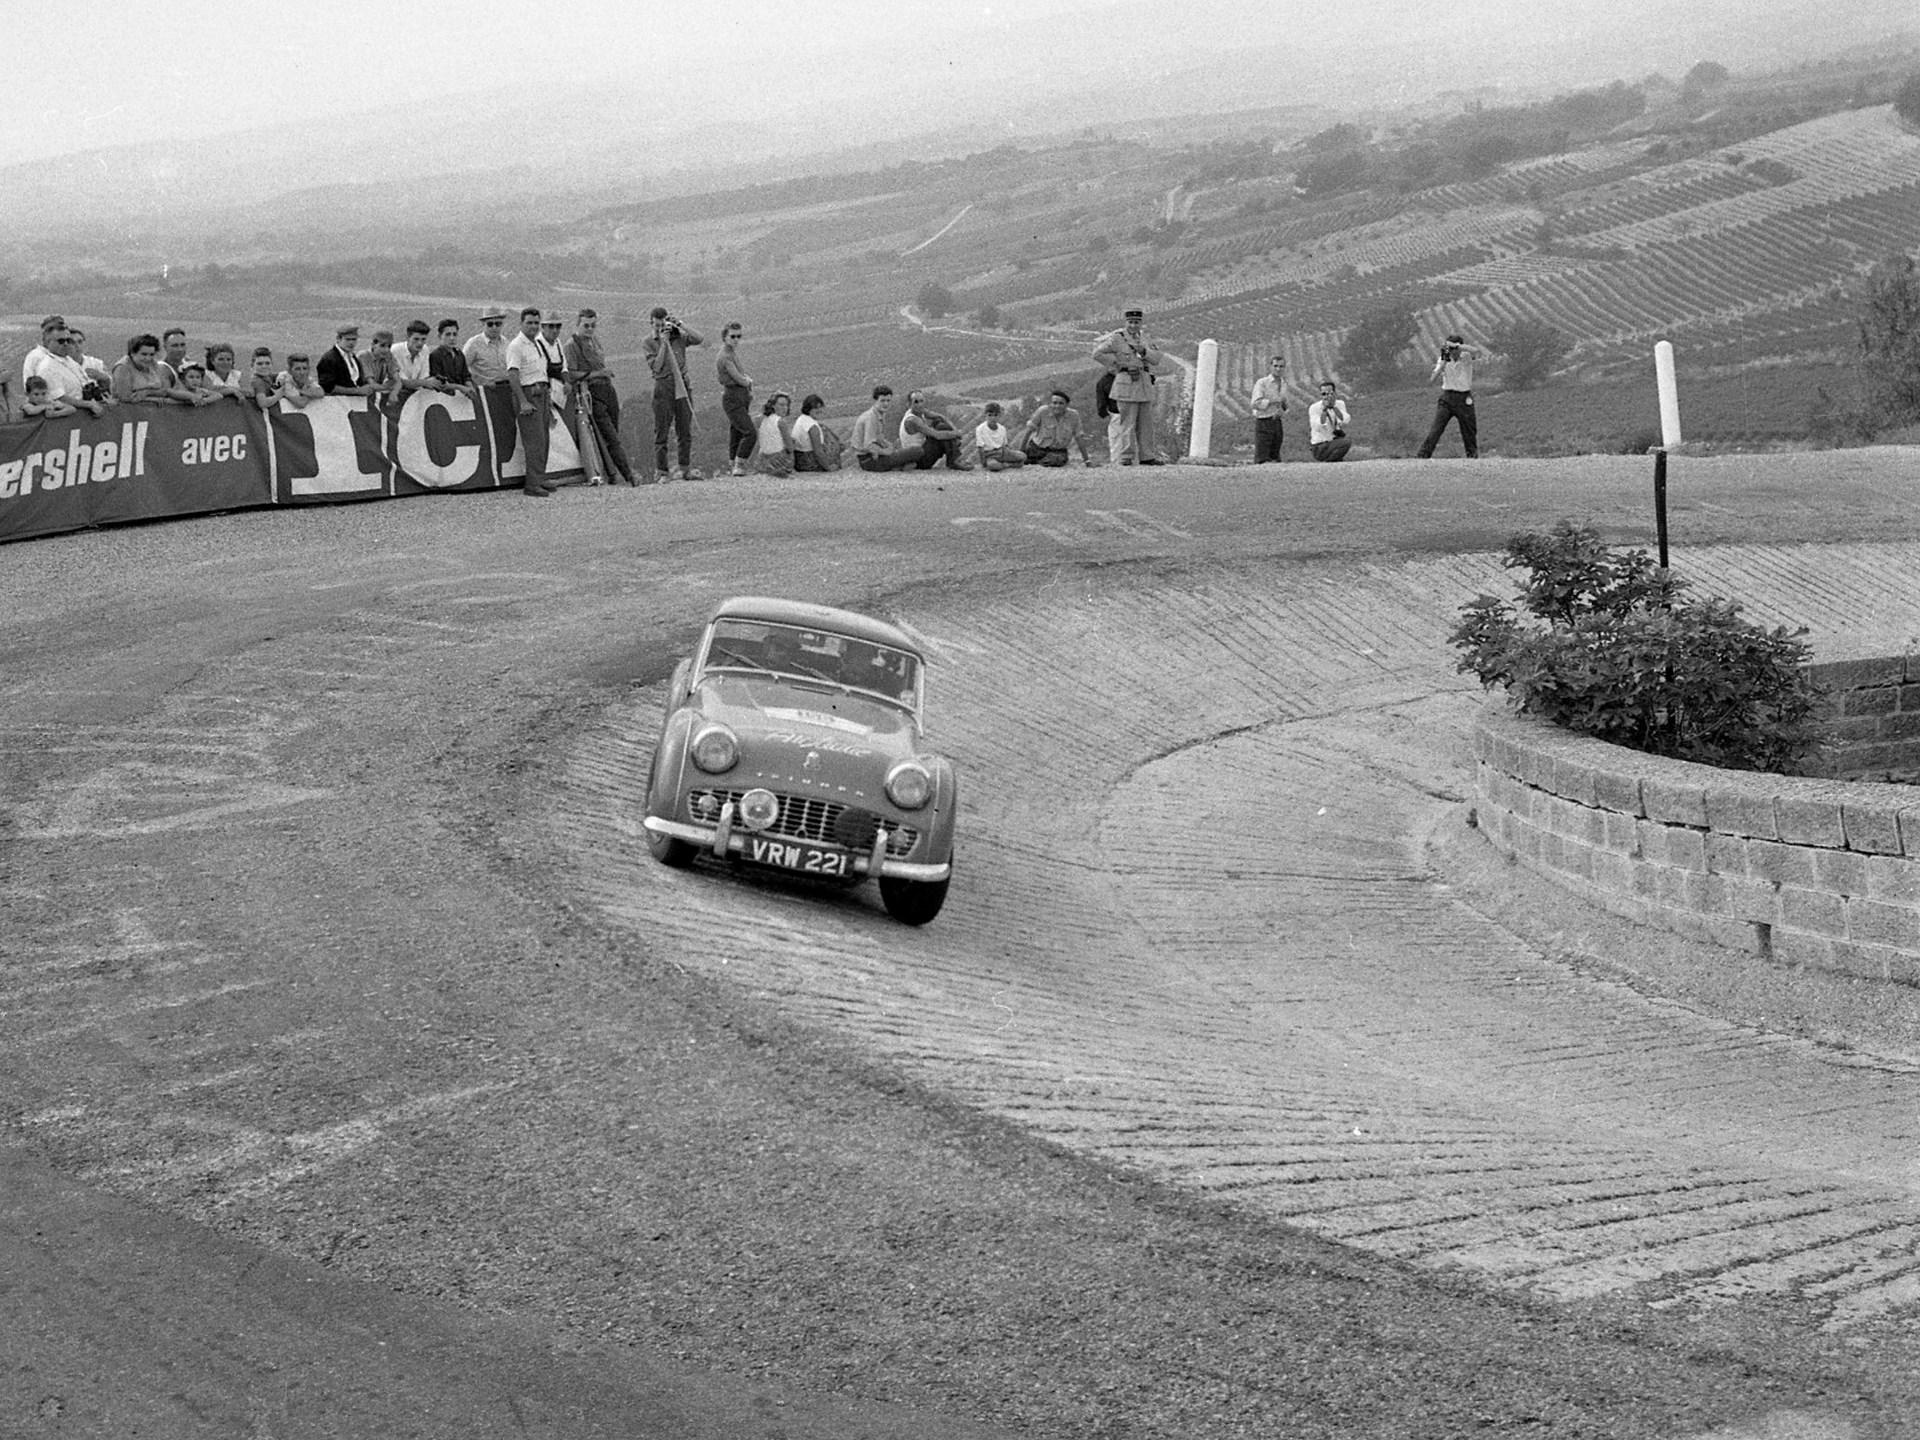 At Virage de St Estève on Mt Ventoux during the 1958 Tour de France.